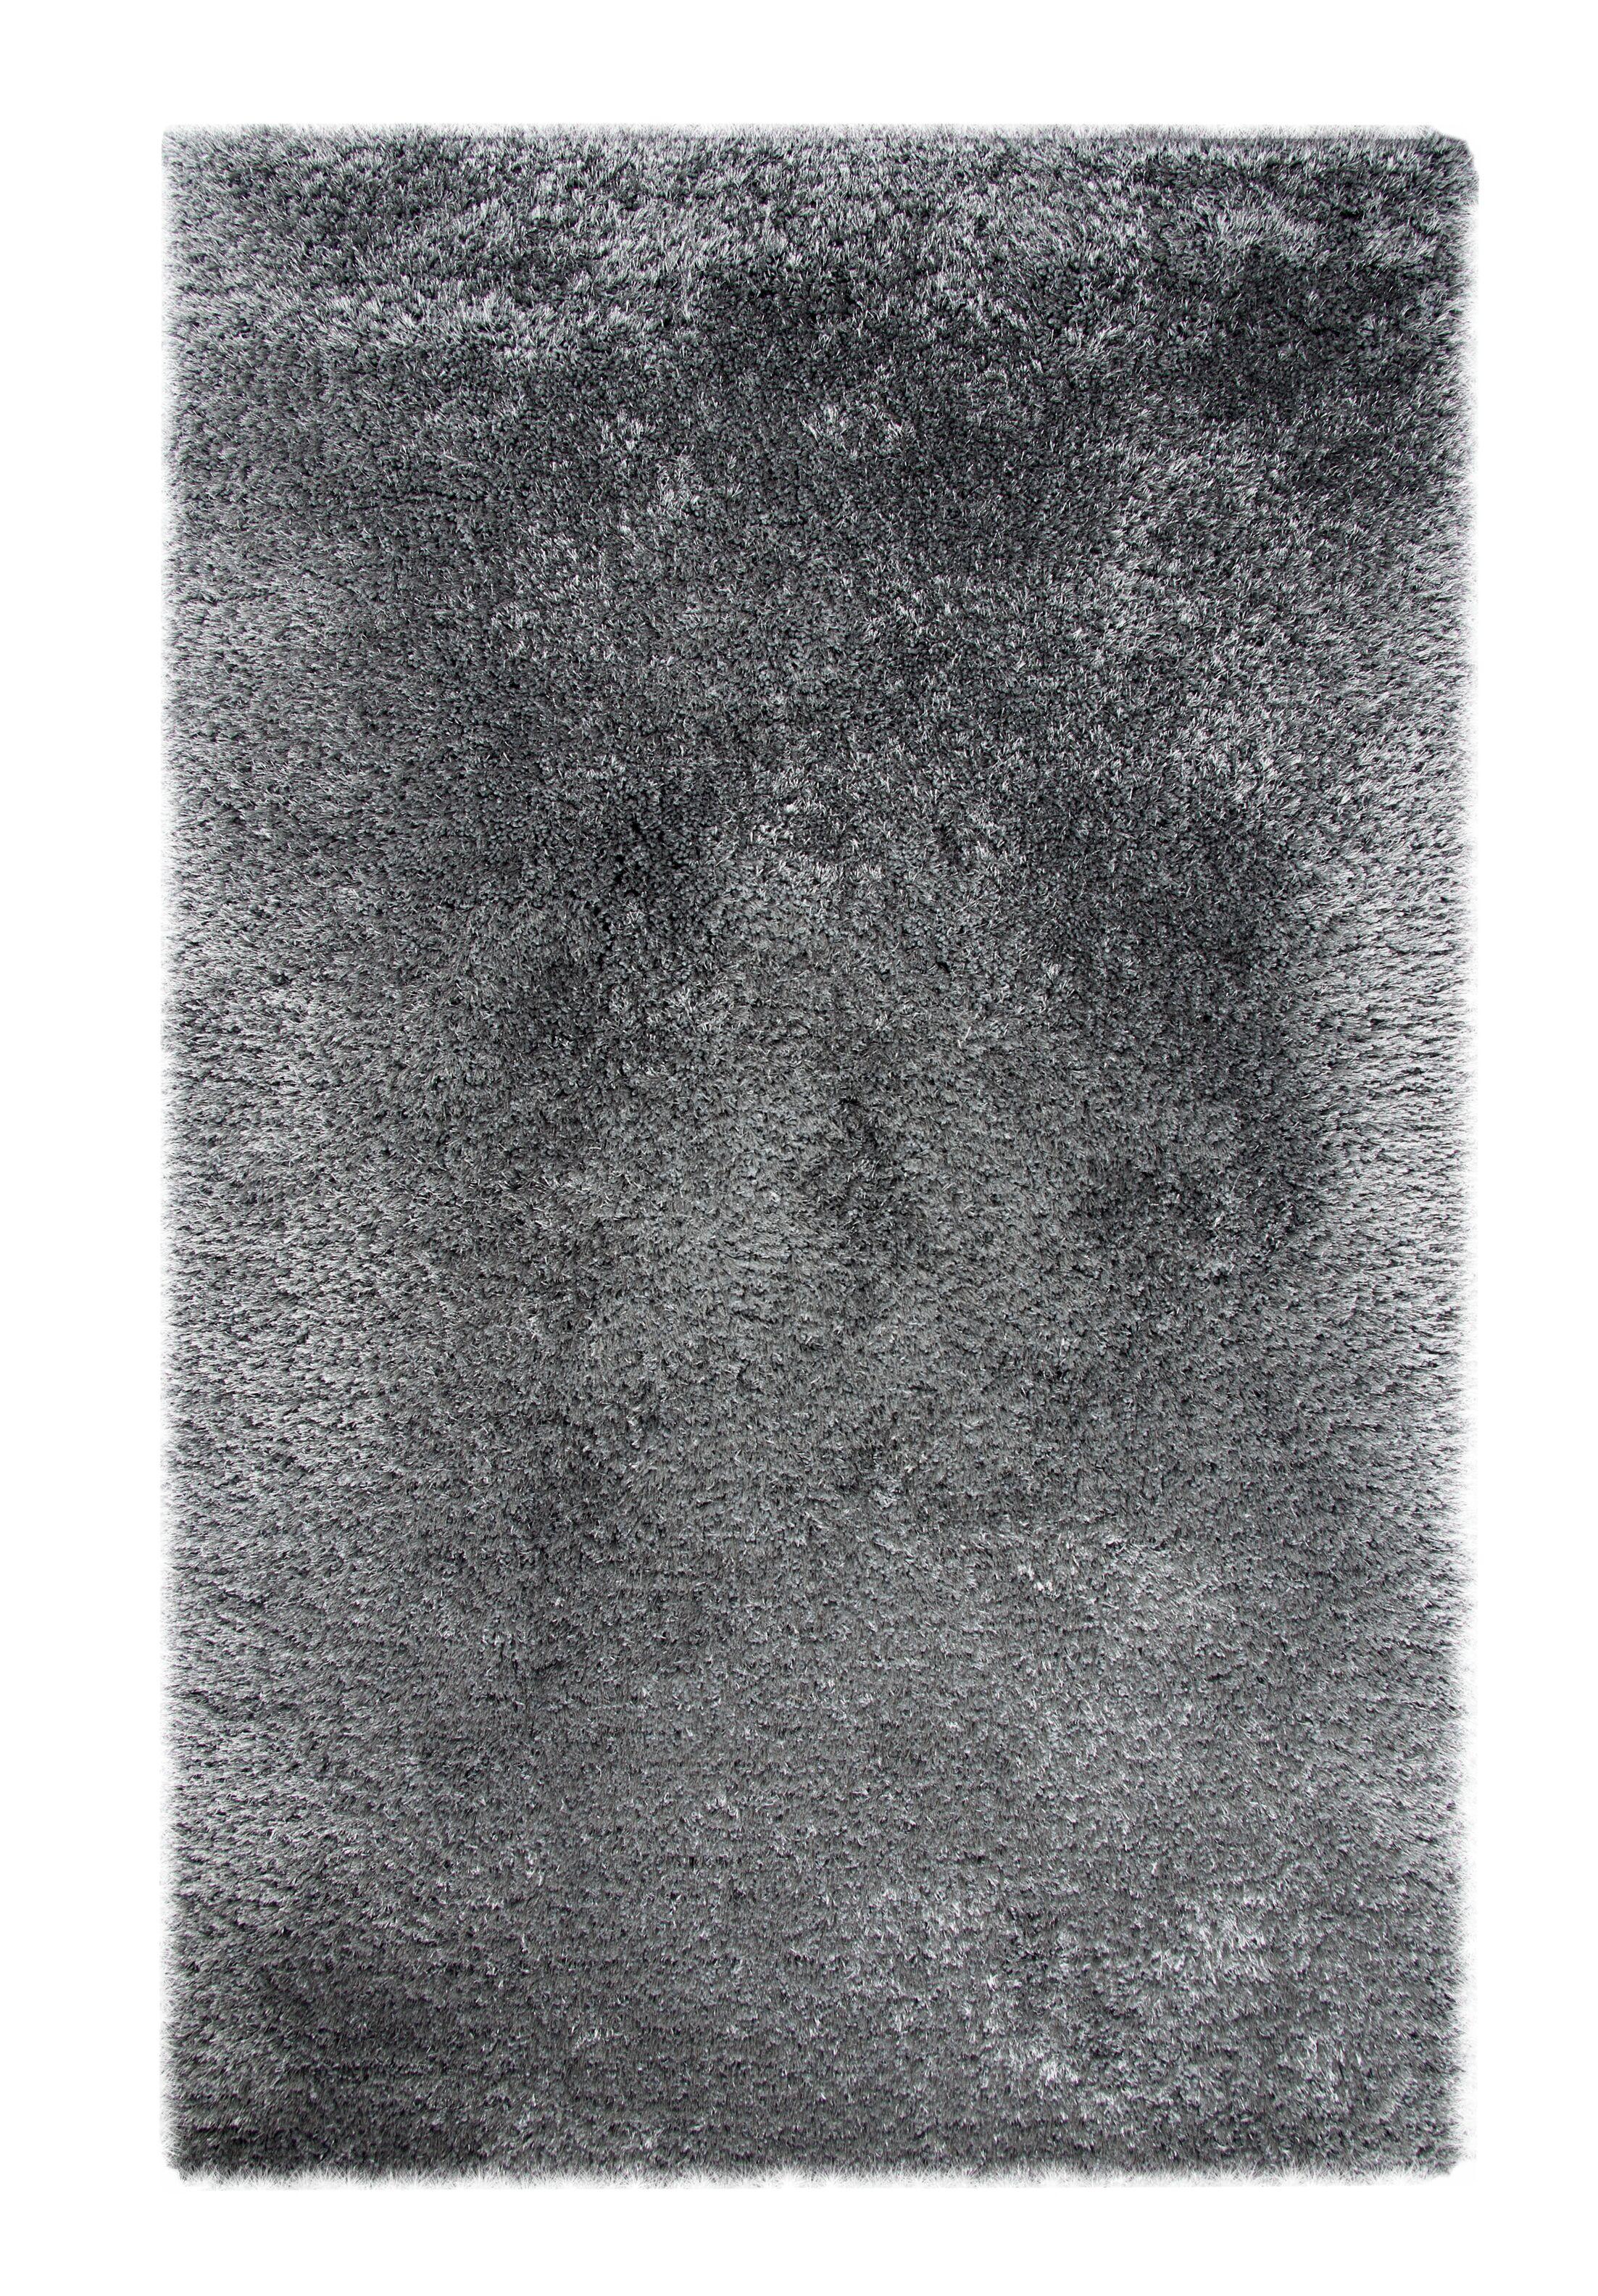 Precious Gray Area Rug Rug Size: Rectangle 10' x 14'